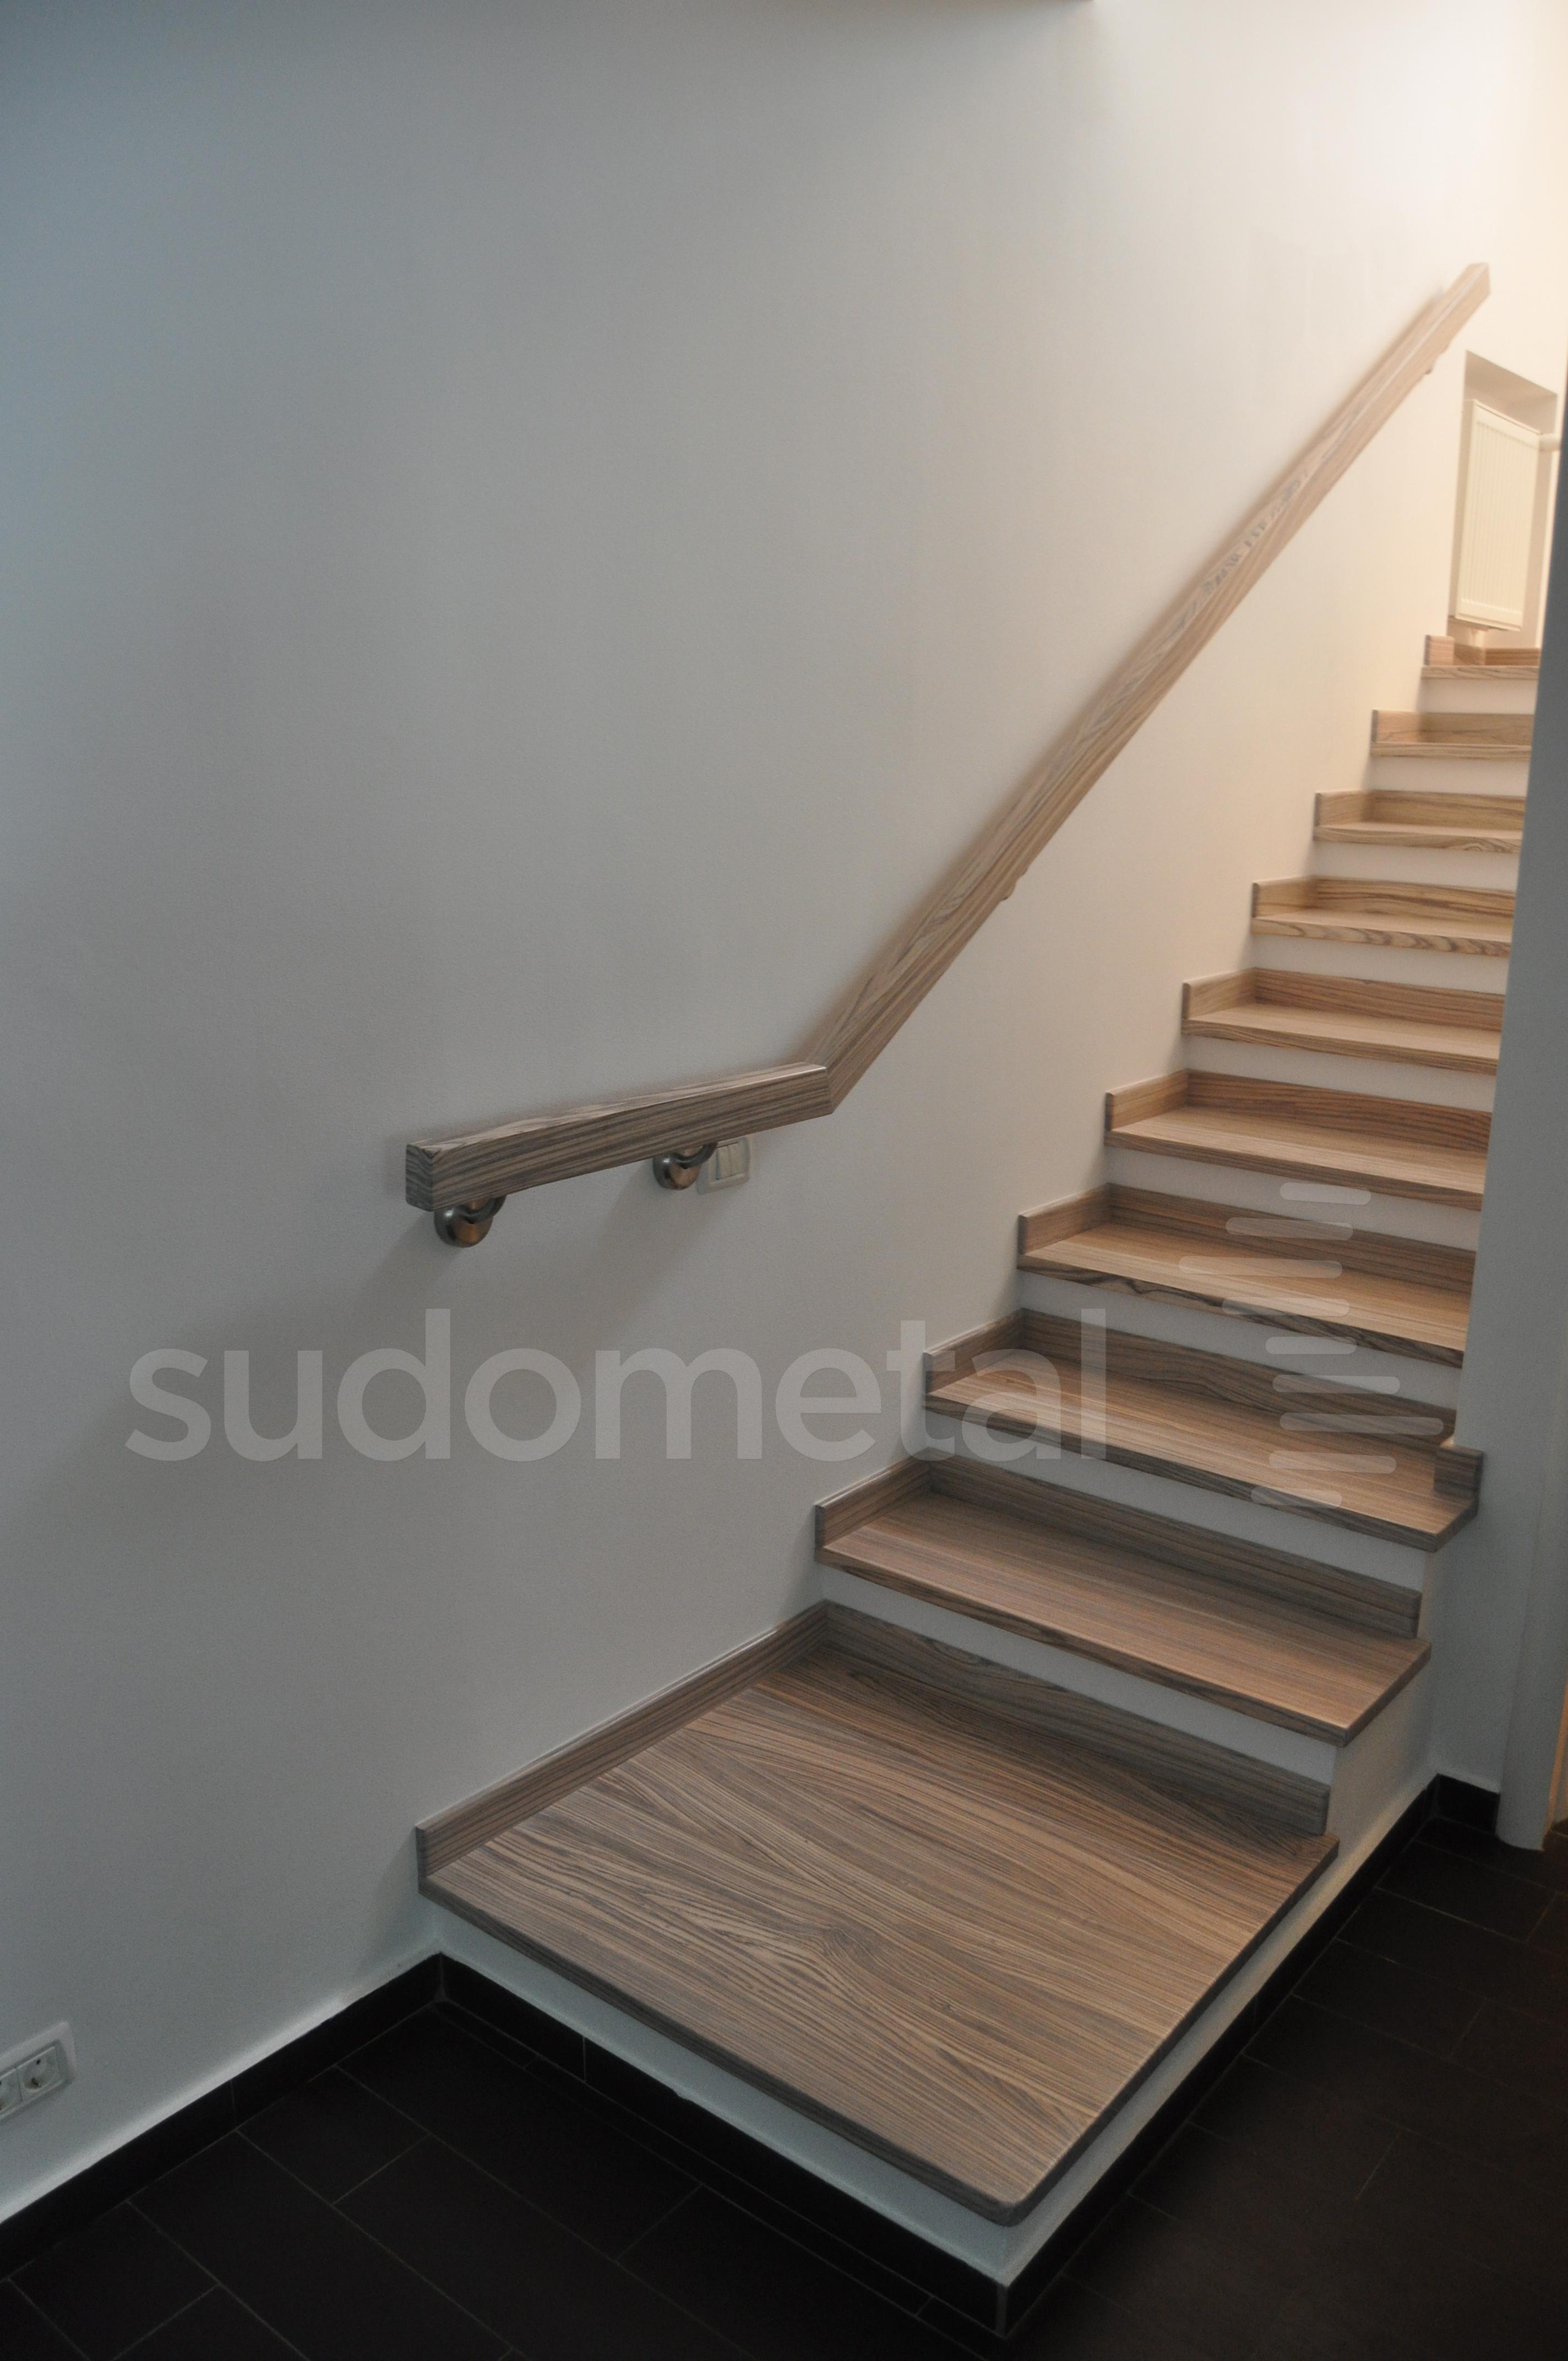 Balustrade, maini curente placate cu lemn SUDOMETAL - Poza 6